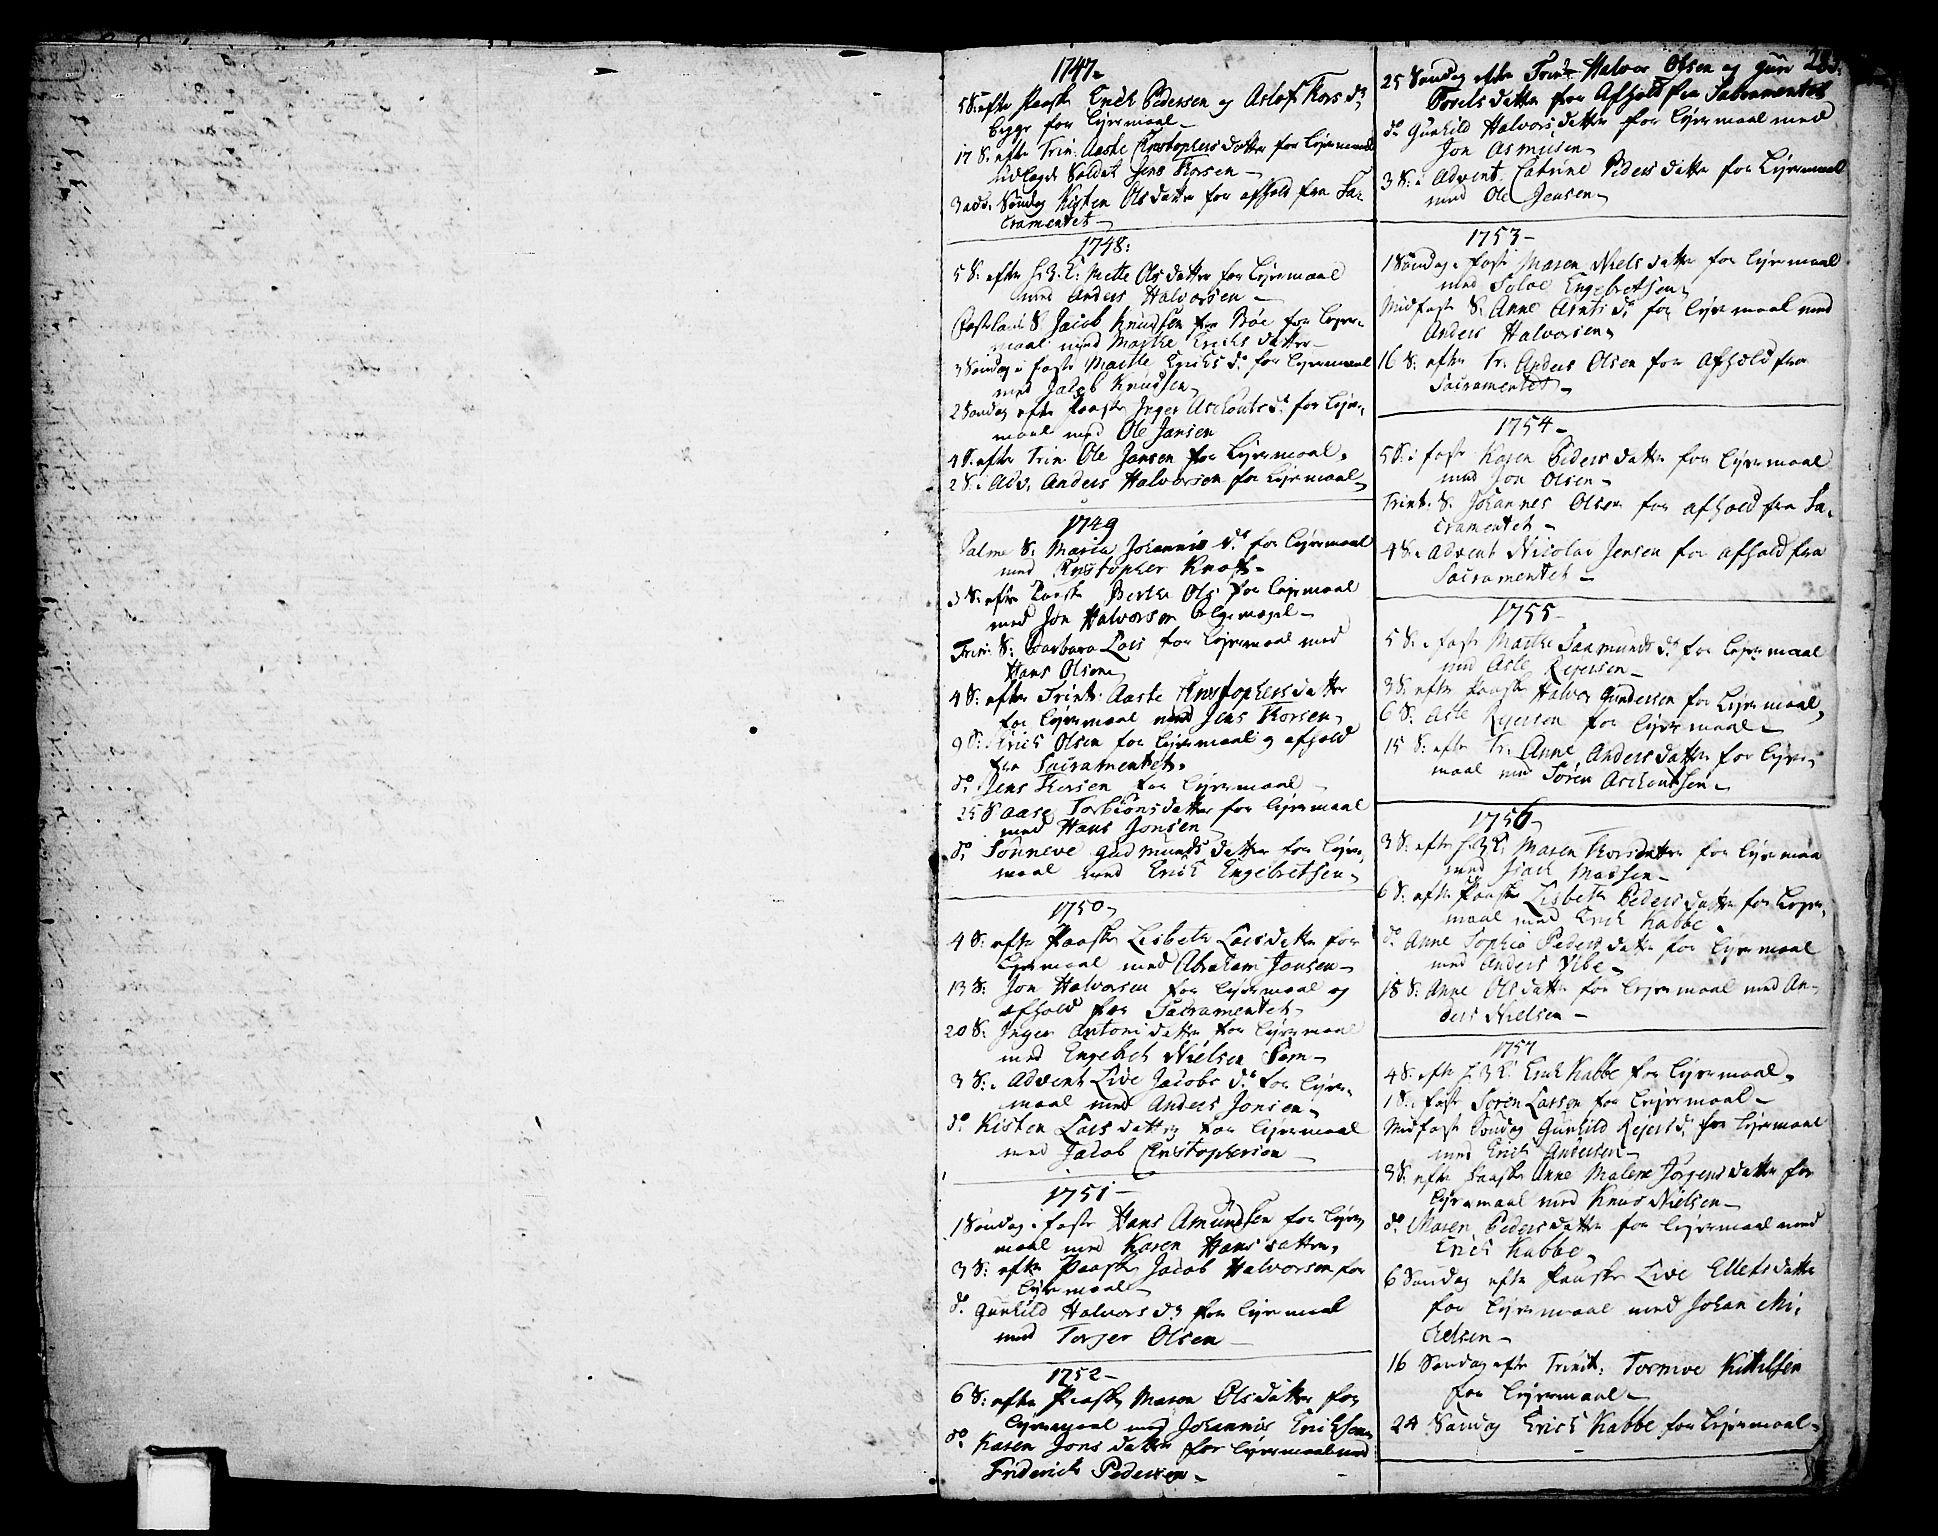 SAKO, Gjerpen kirkebøker, F/Fa/L0002: Ministerialbok nr. 2, 1747-1795, s. 285